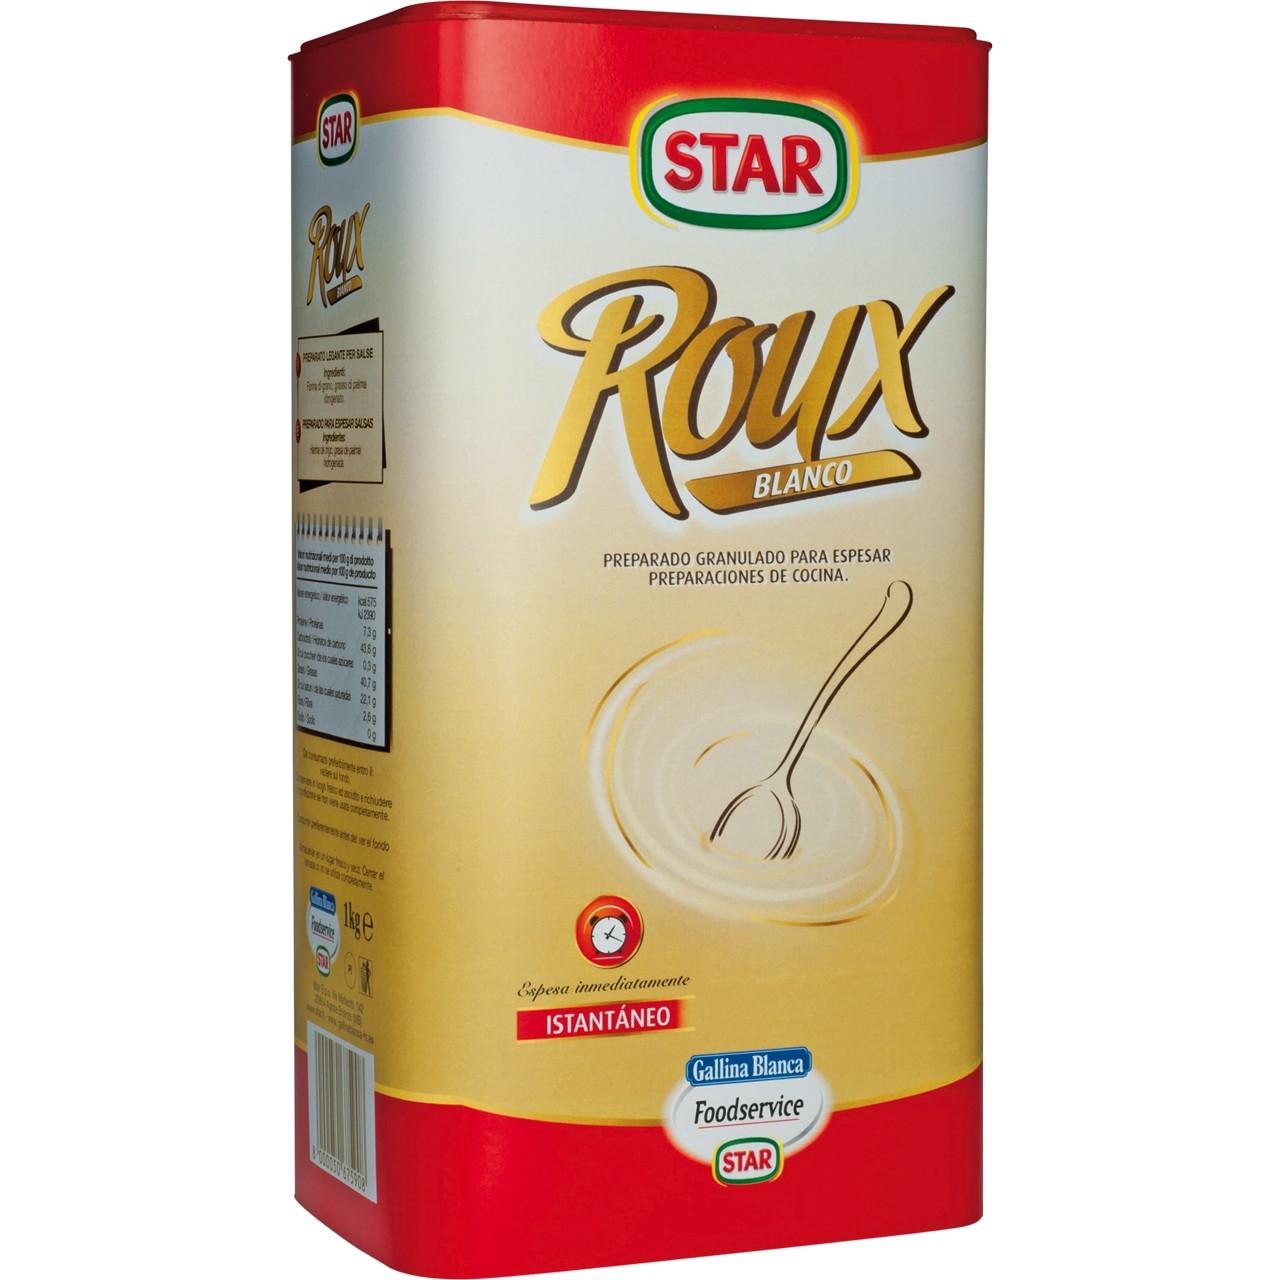 Roux blanc deshidratat Gallina blanca